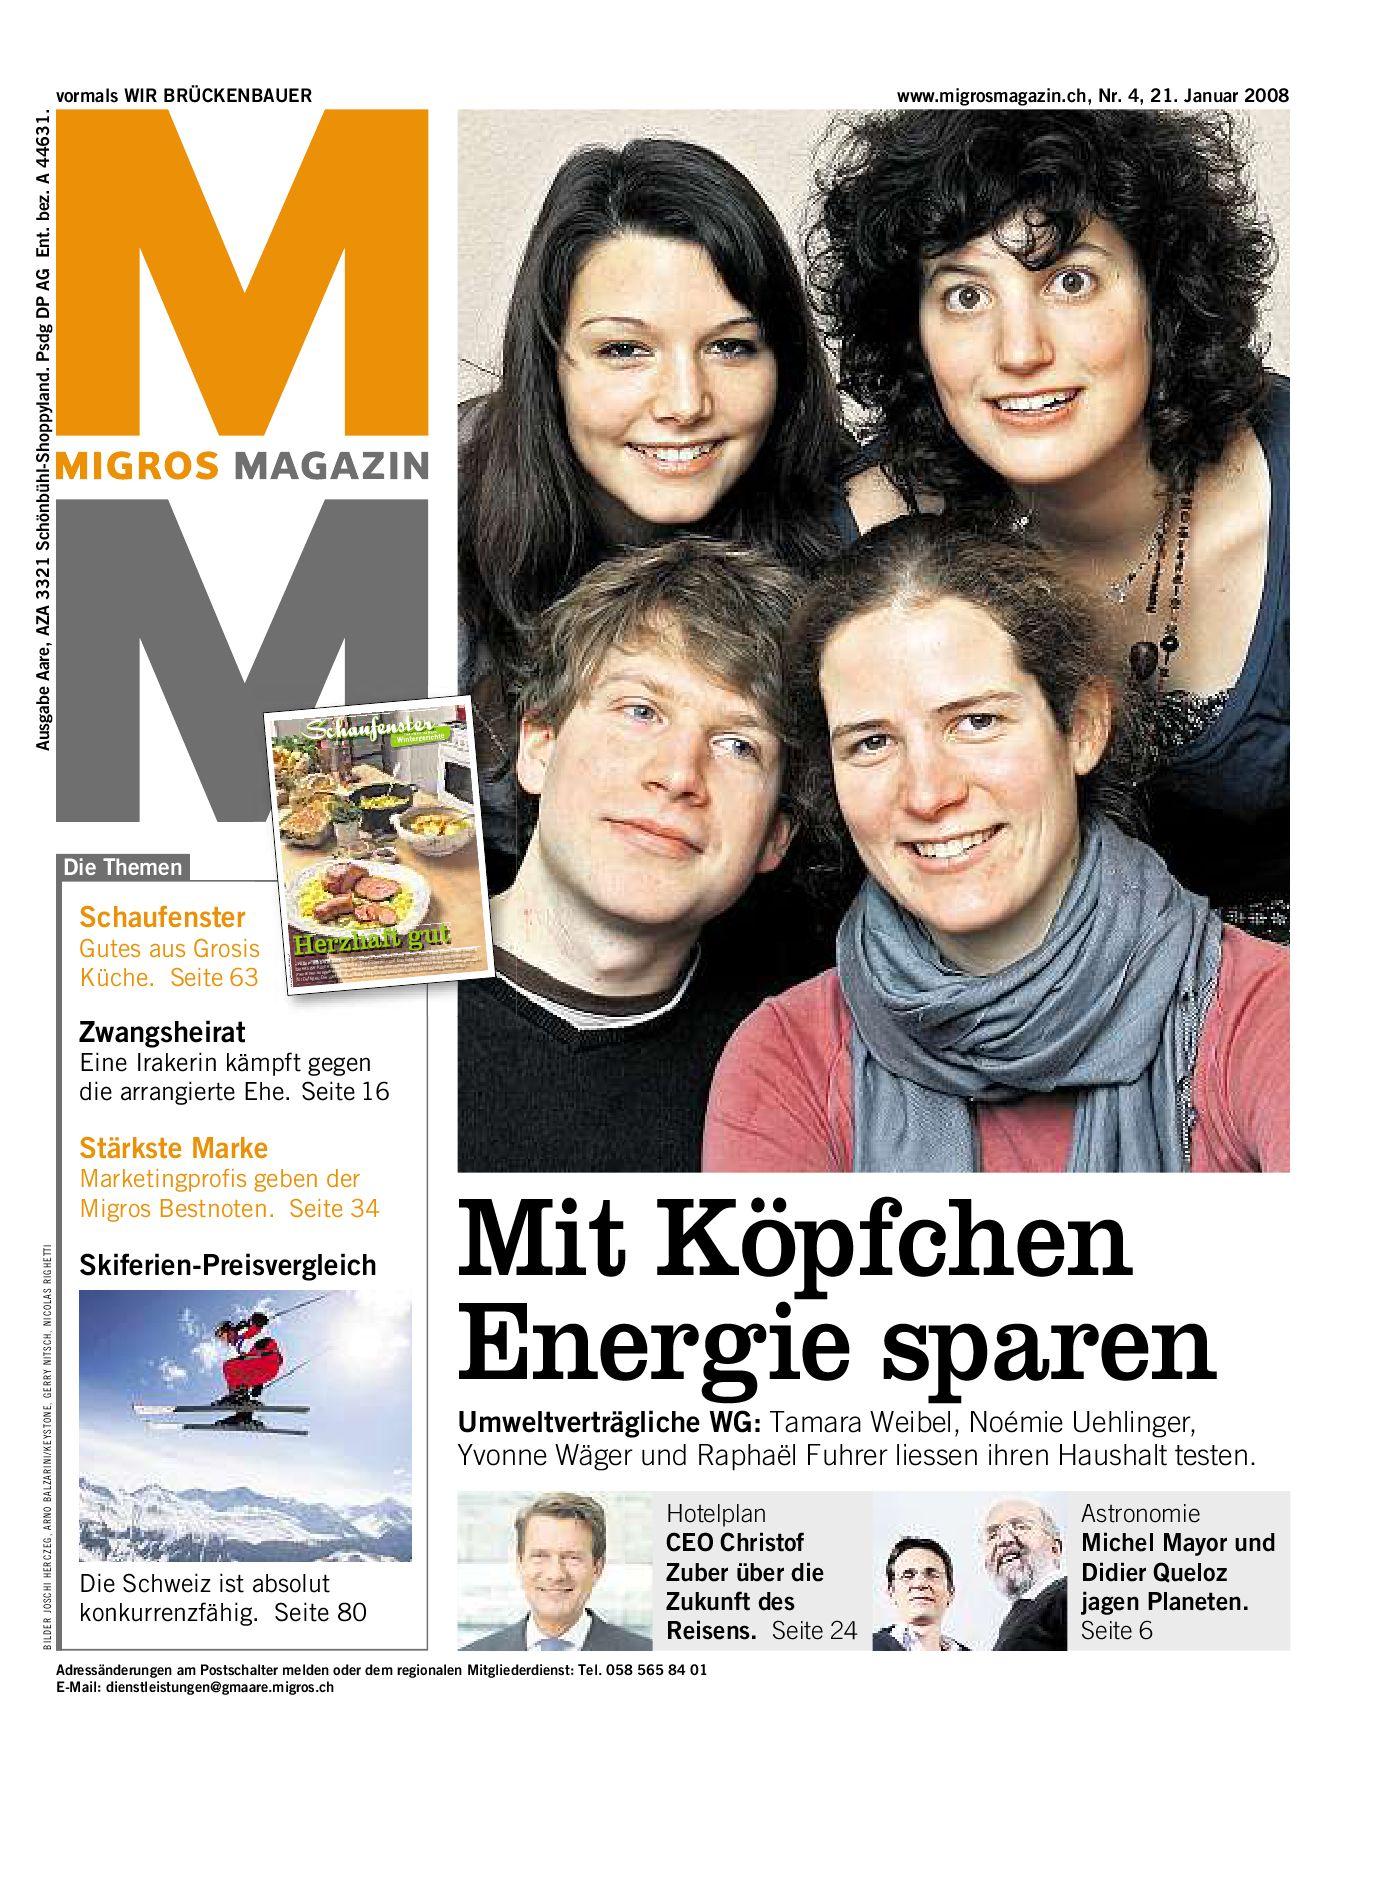 Migros Magazin 4 2008 d LU by Migros-Genossenschafts-Bund - issuu